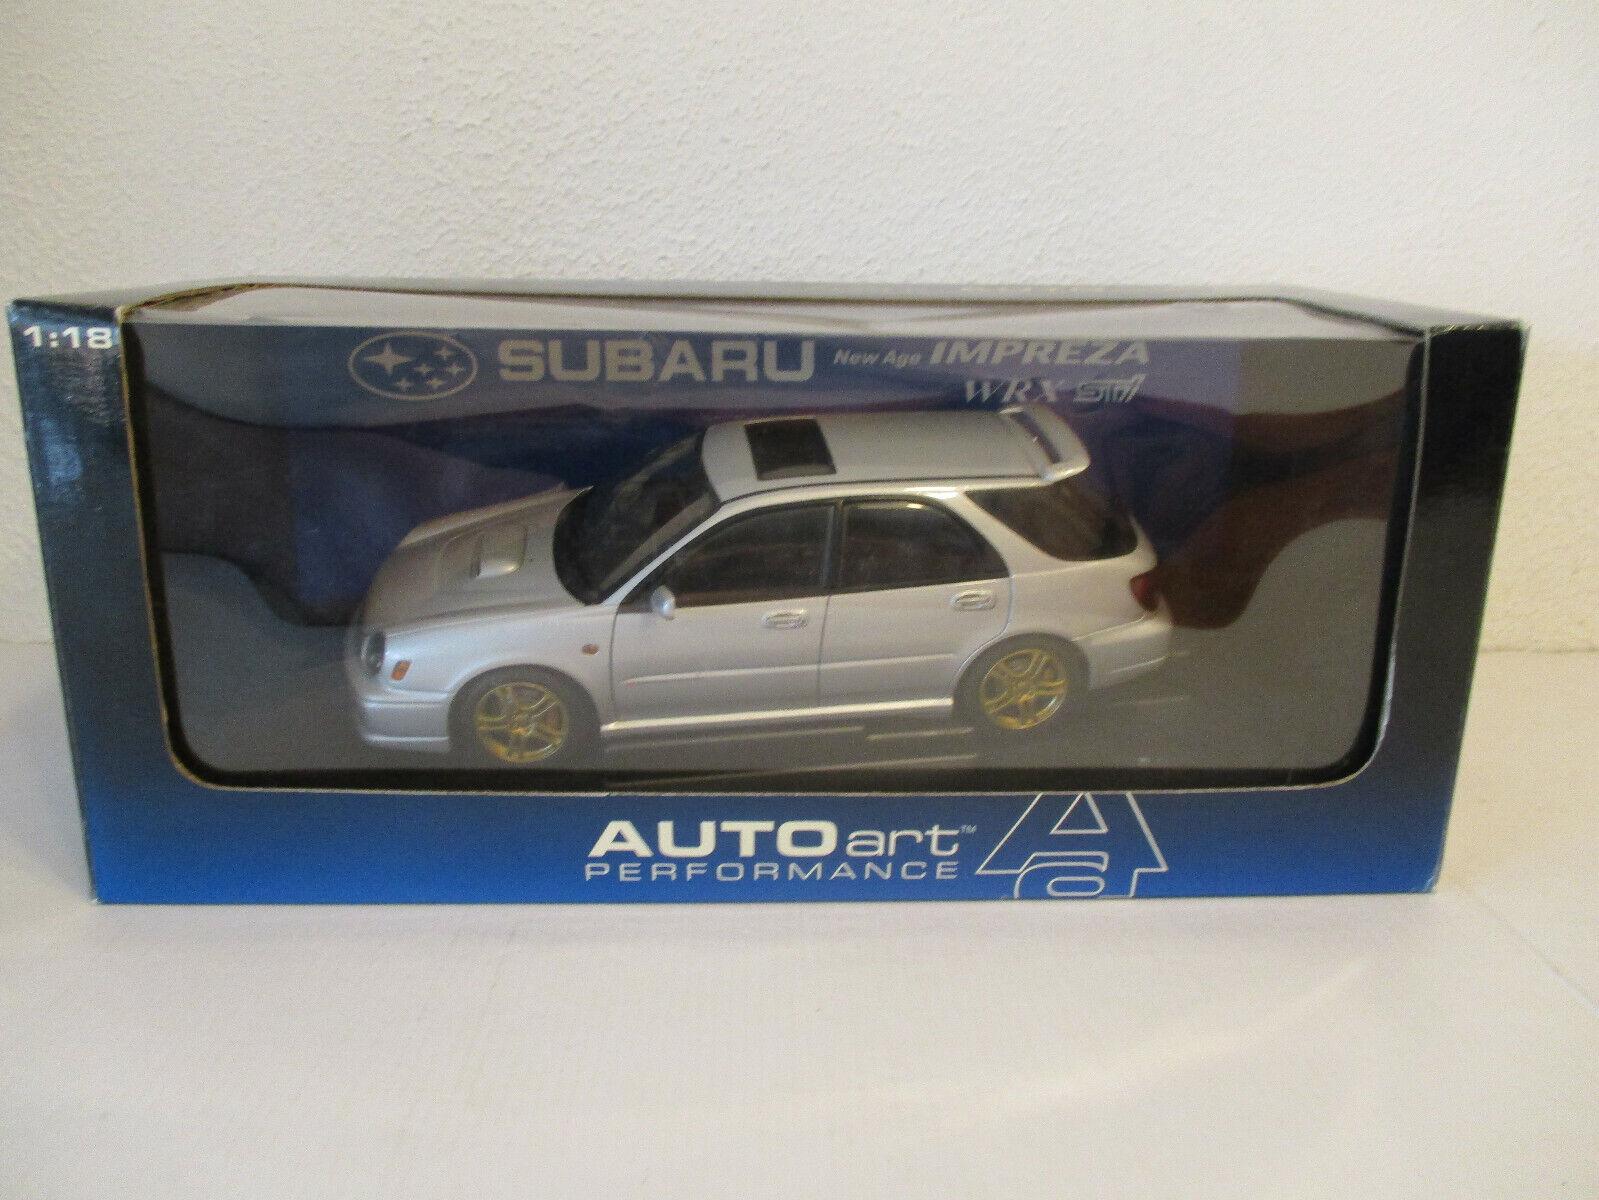 ( Gokr ) 1 18 Autoart Subaru New Age Impreza Wrx Wagon Sti 2001